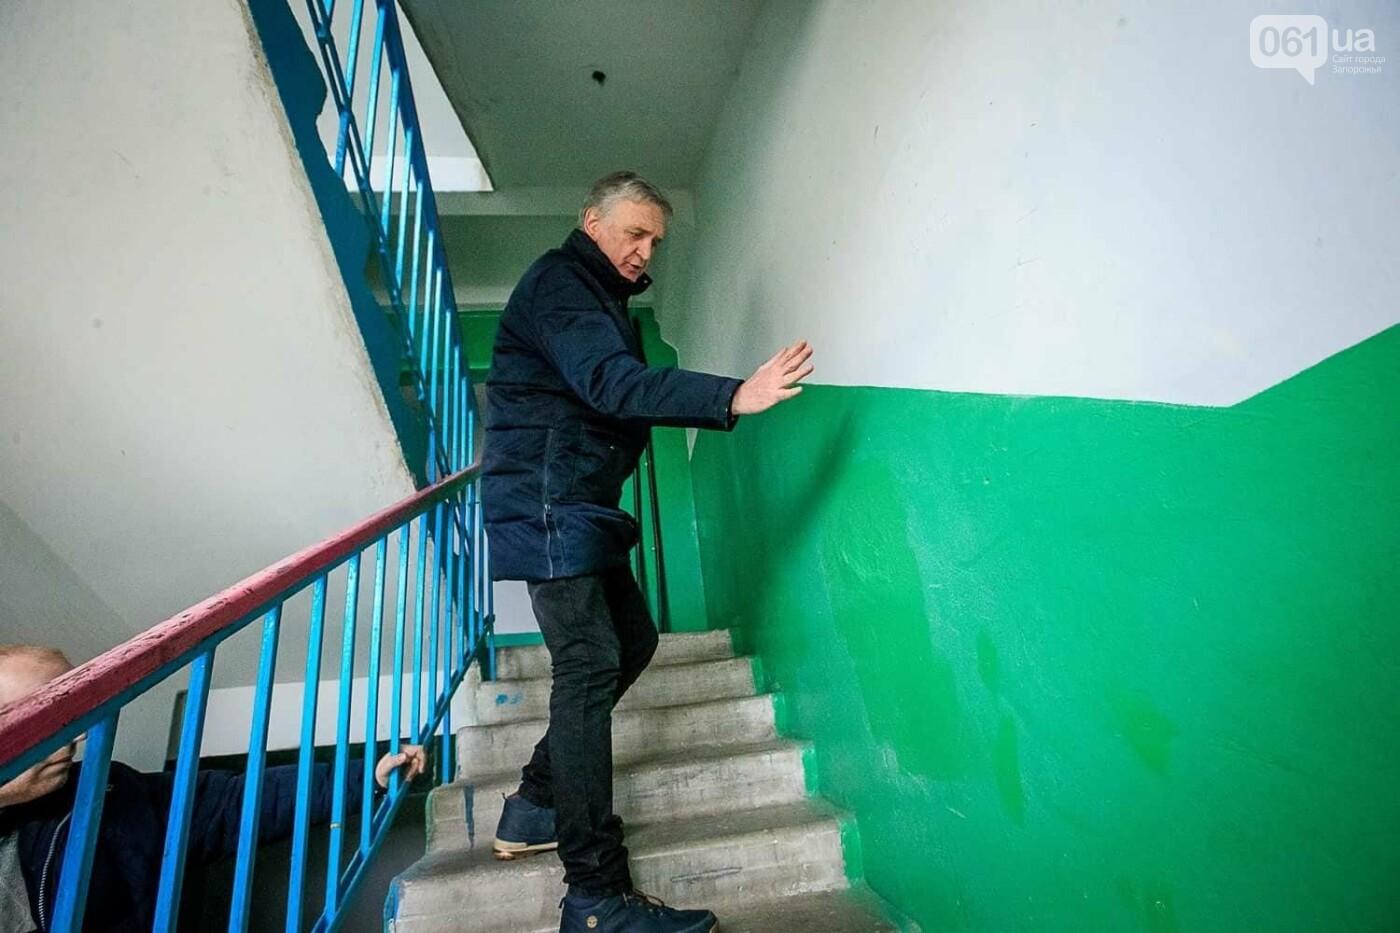 Сам себе хозяин: как запорожские ОСМД занимаются энергосбережением и значительно экономят на тарифах, — ФОТО, фото-51